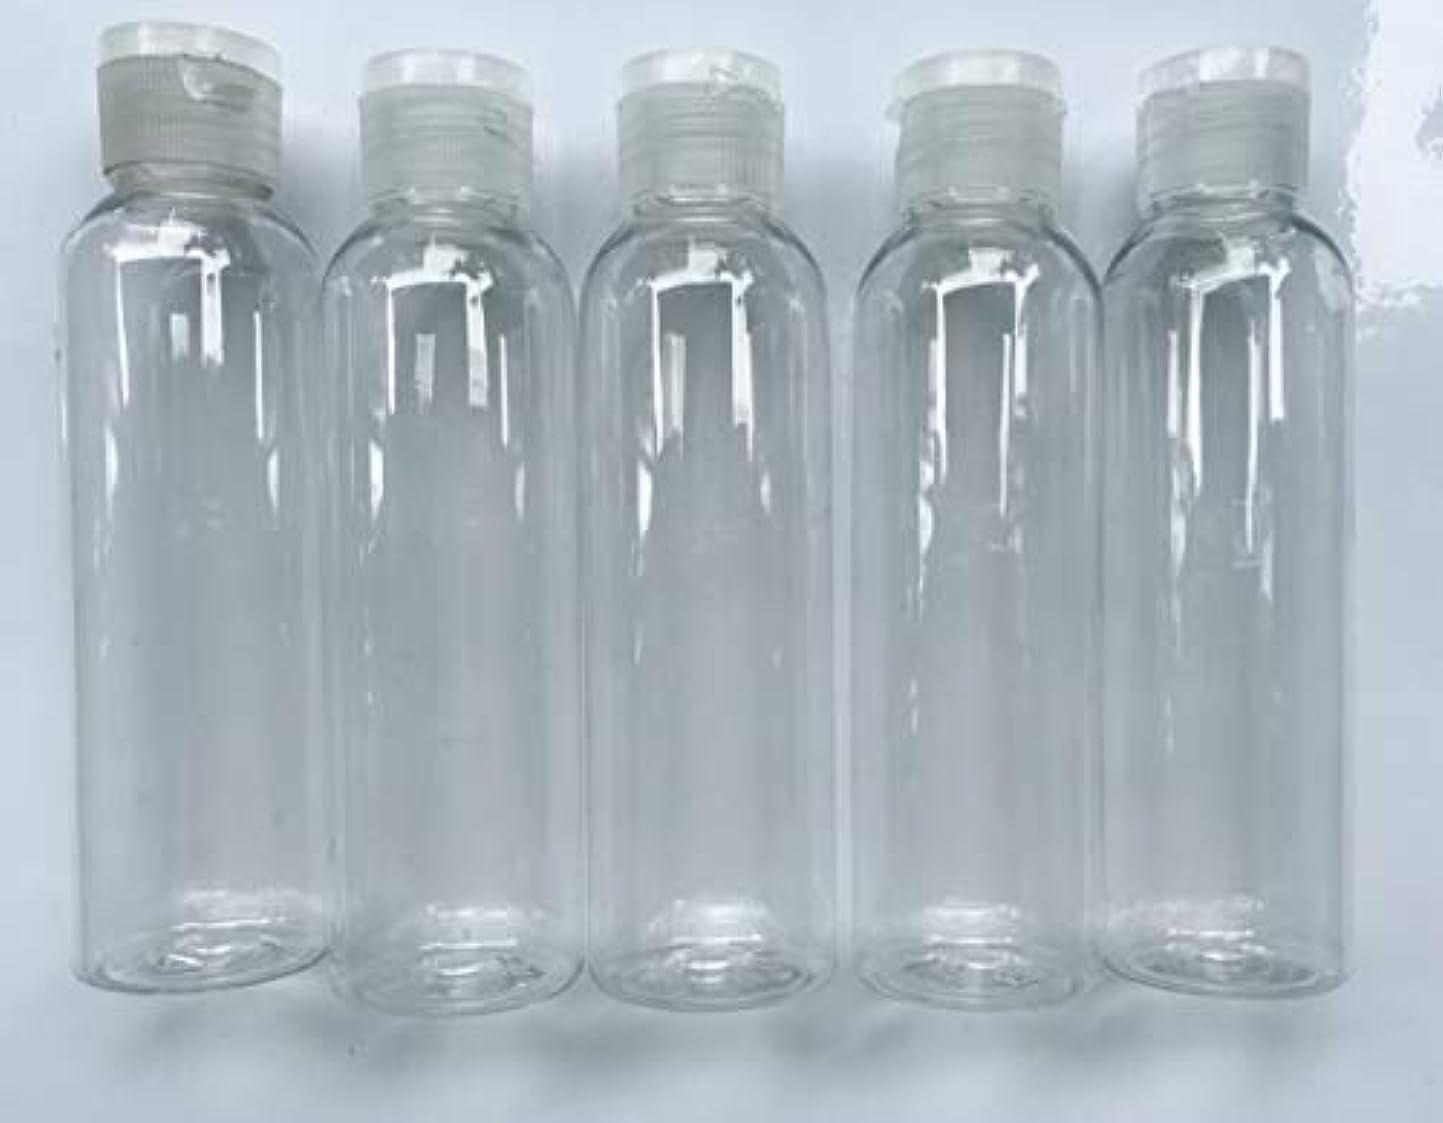 メロンジュニア本会議旅行用 透明詰め替え容器150ml (クリア)携帯用トラベルボトル5本セット/シャンプー、化粧水、ローション、乳液などの基礎化粧品や調味料入れに